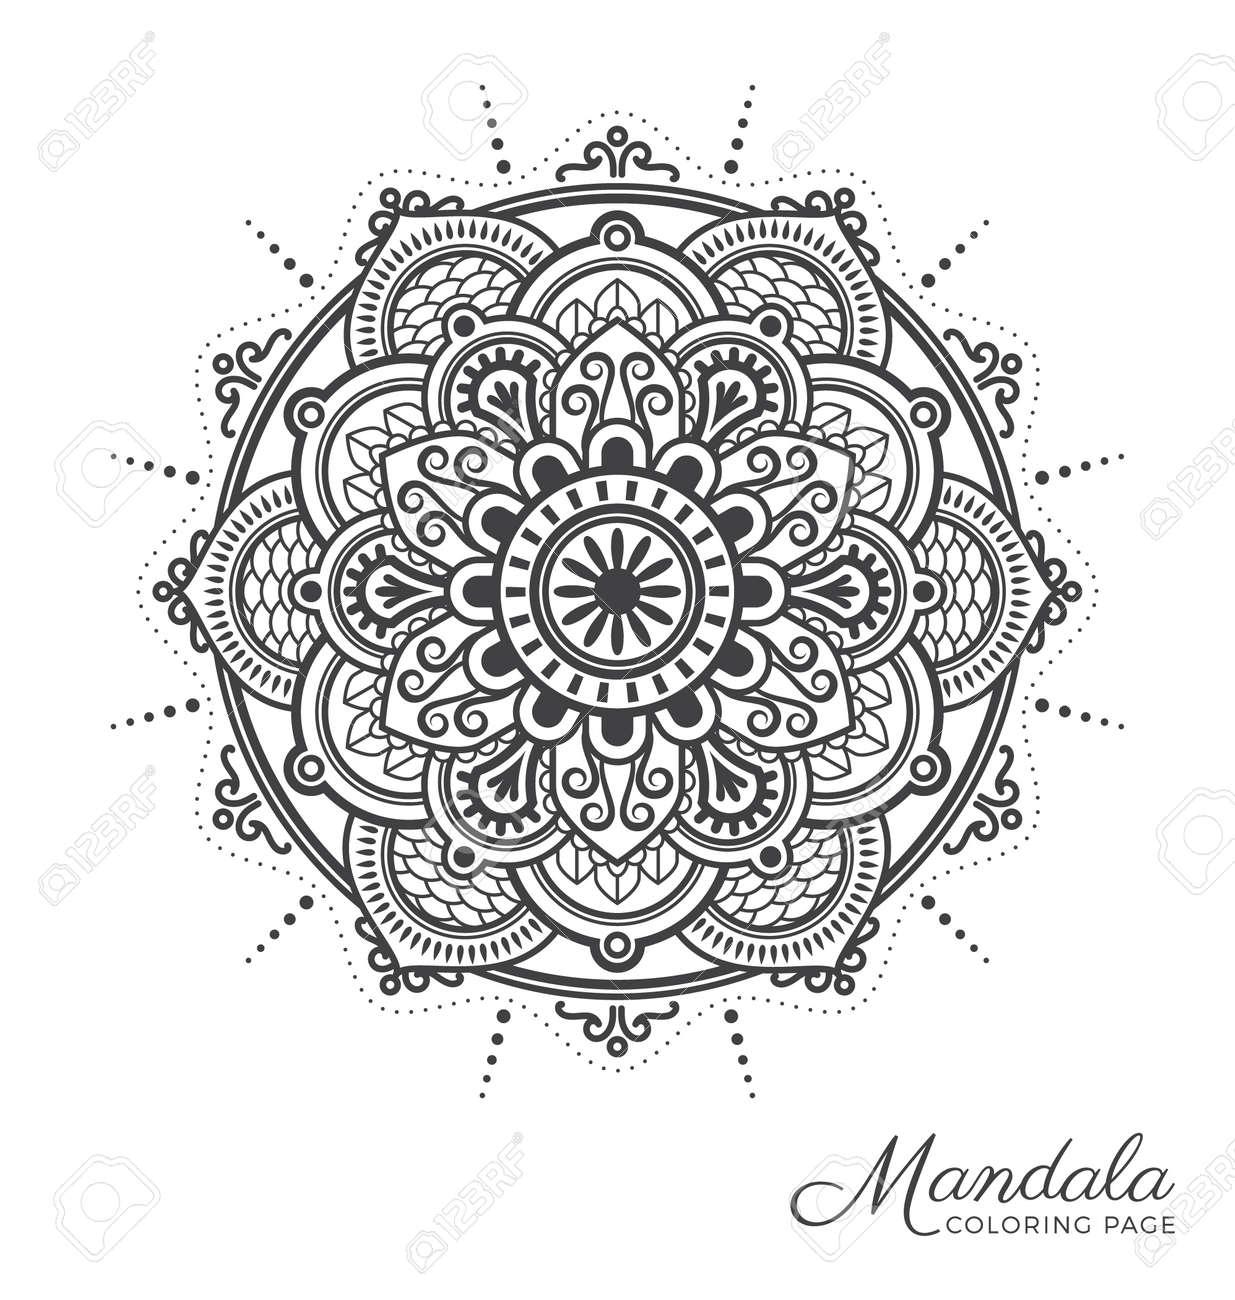 Großartig Malvorlagen Mandala Designs Galerie - Malvorlagen-Ideen ...